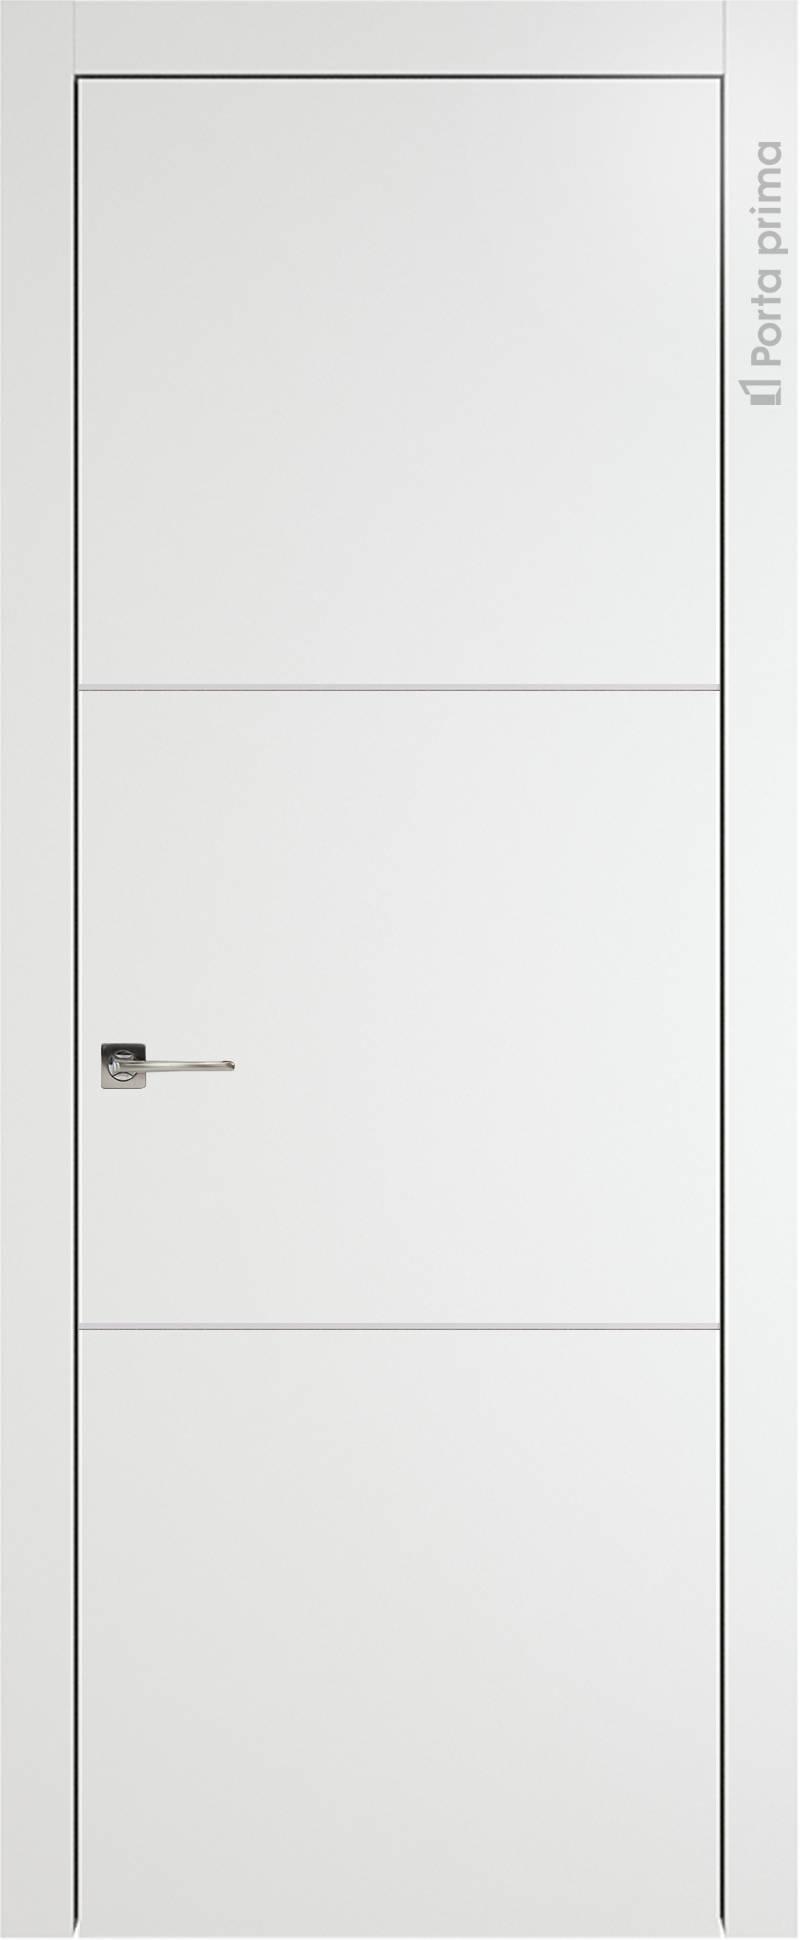 Tivoli В-3 цвет - Белая эмаль (RAL 9003) Без стекла (ДГ)